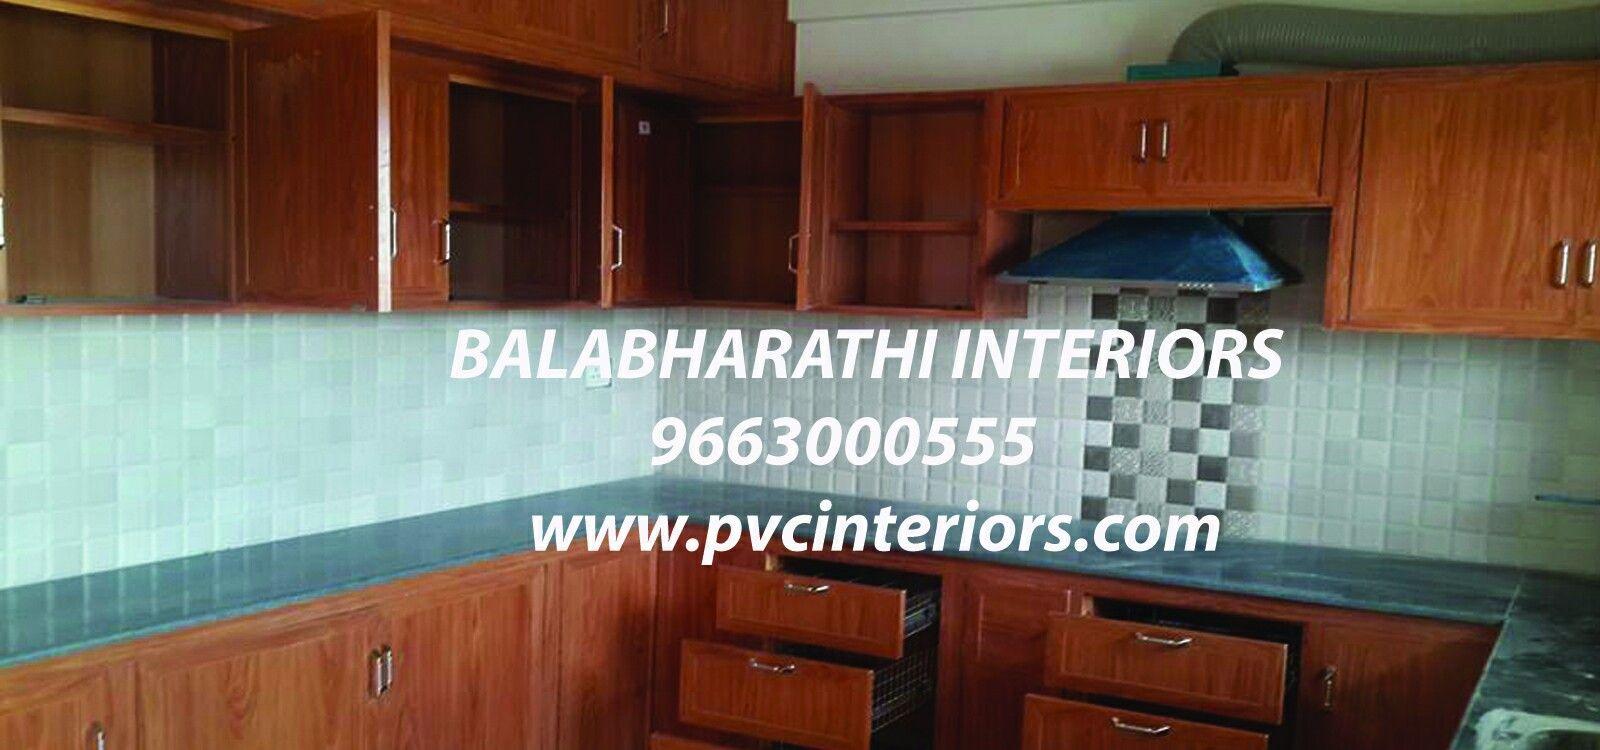 Pin by sugu kutty on pvc kitchen cabinets chennai - balabharathi ...